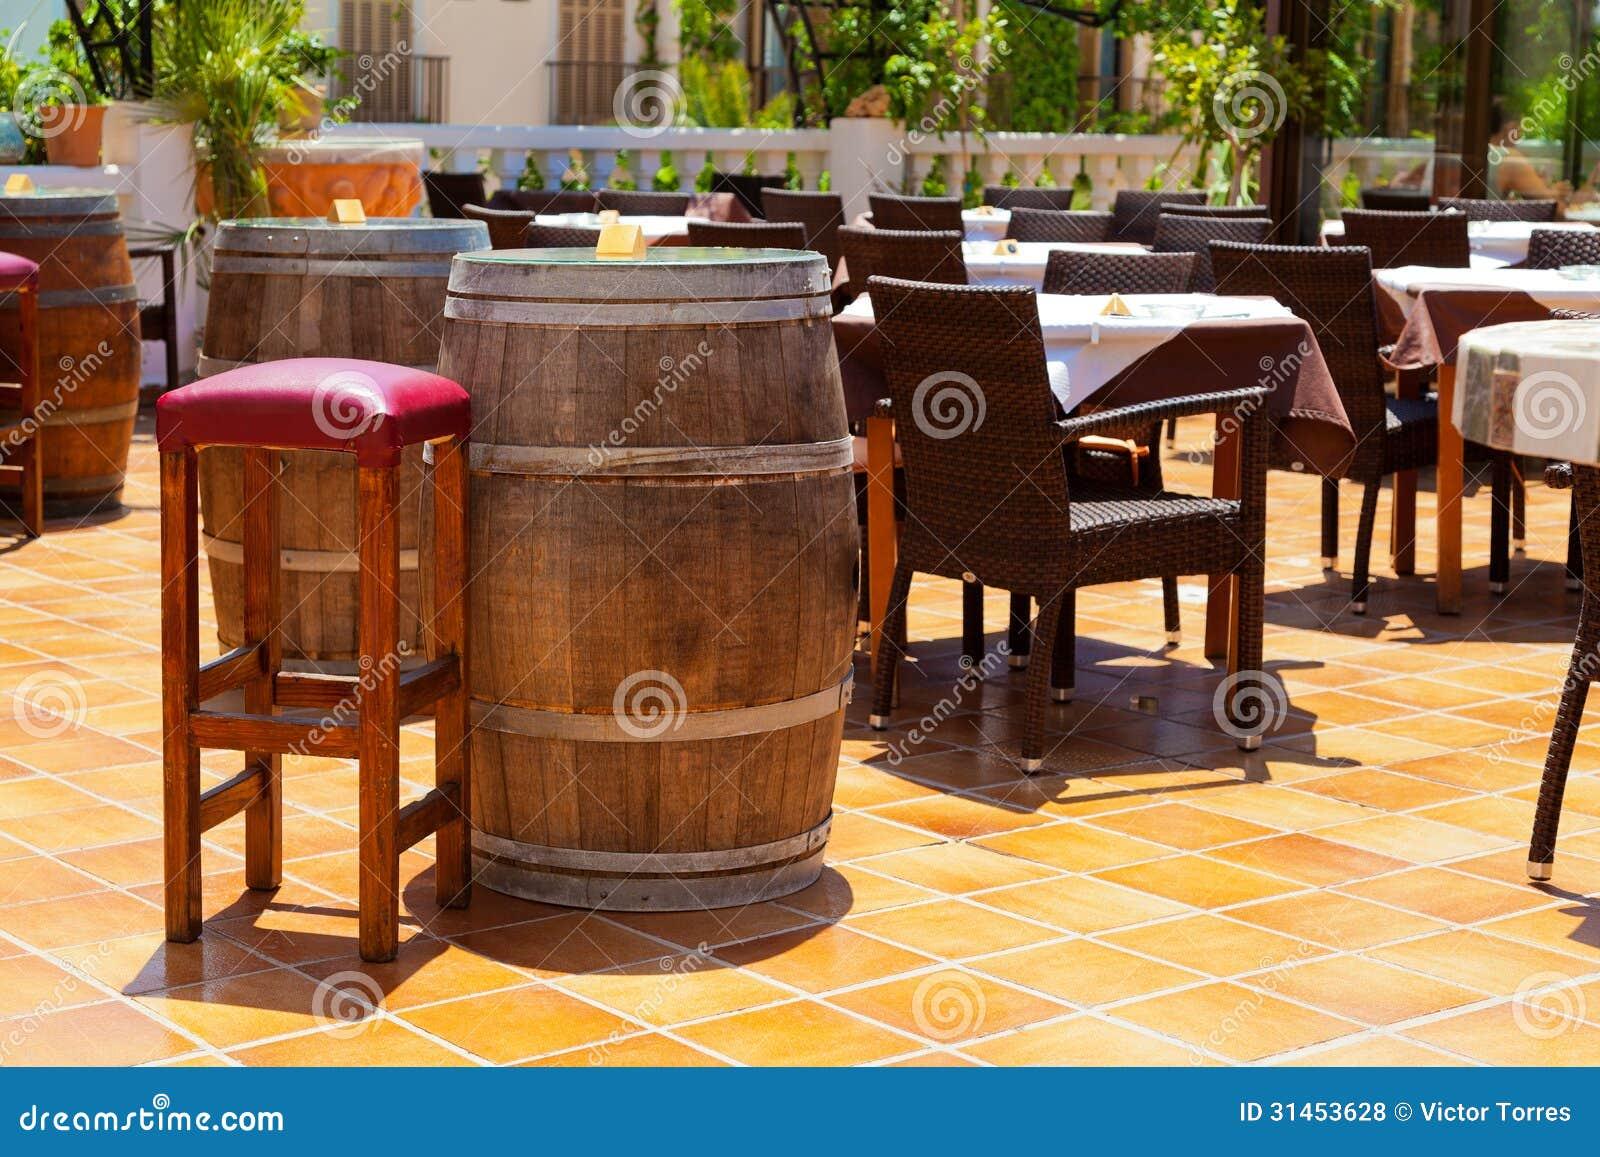 Hiszpański Tapas bar